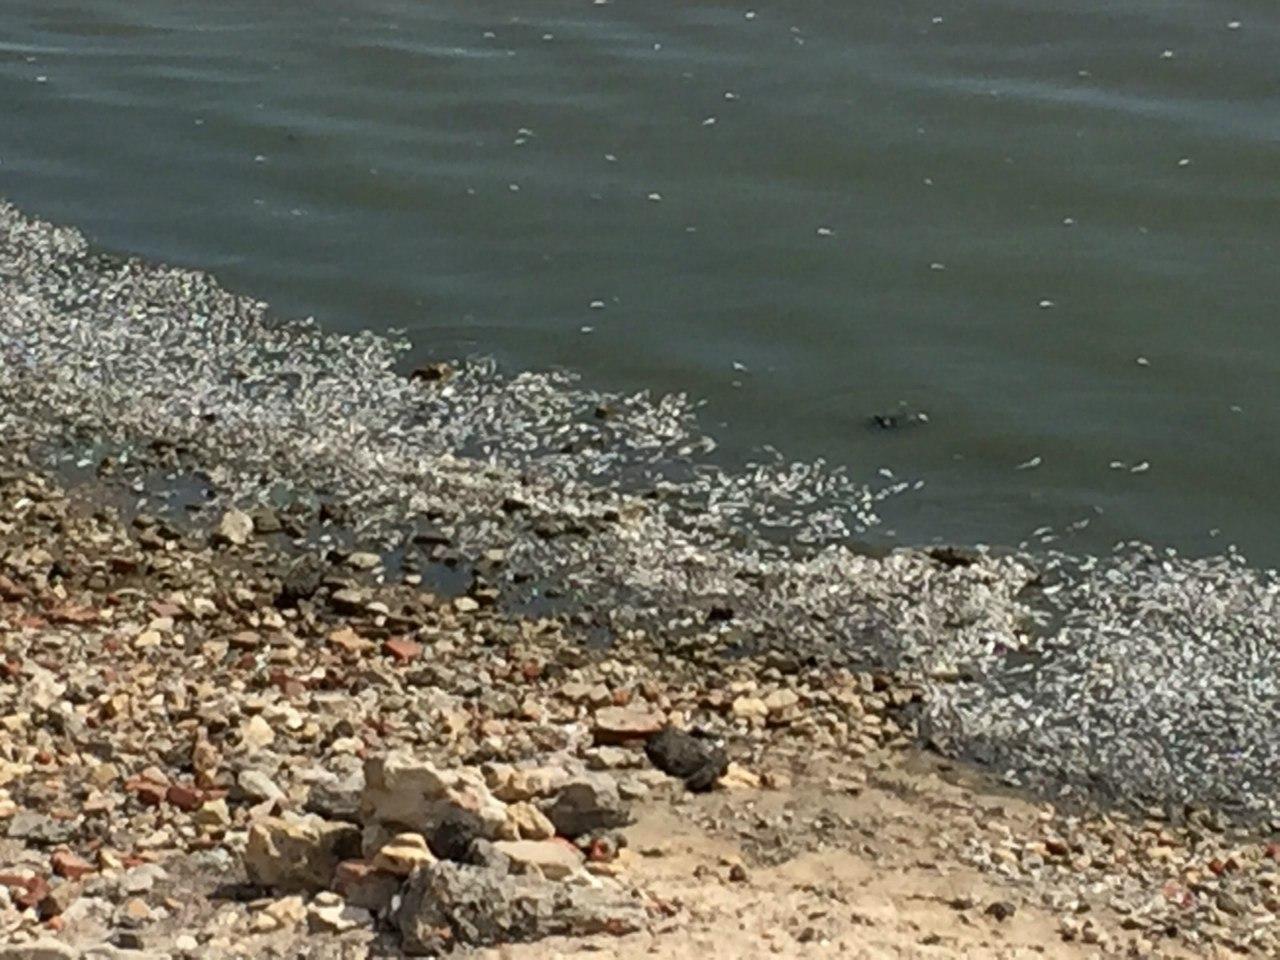 Донская ветеринария: В Таганрогском заливе зафиксирована гибель рыбы